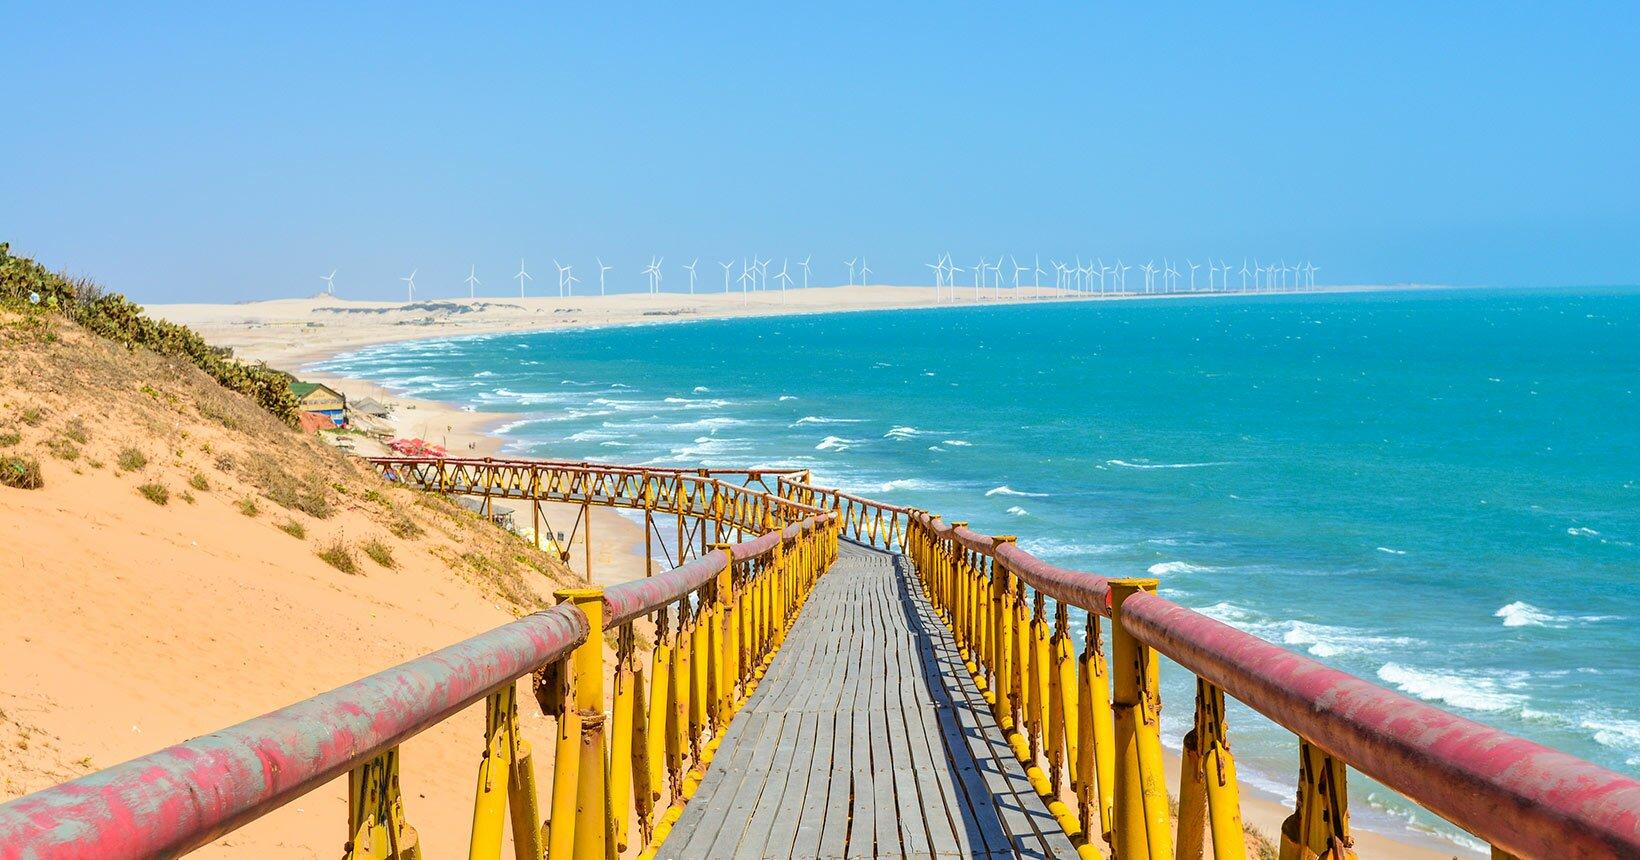 Lua de mel: 50 lugares no Brasil e no mundo para organizar sua viagem!